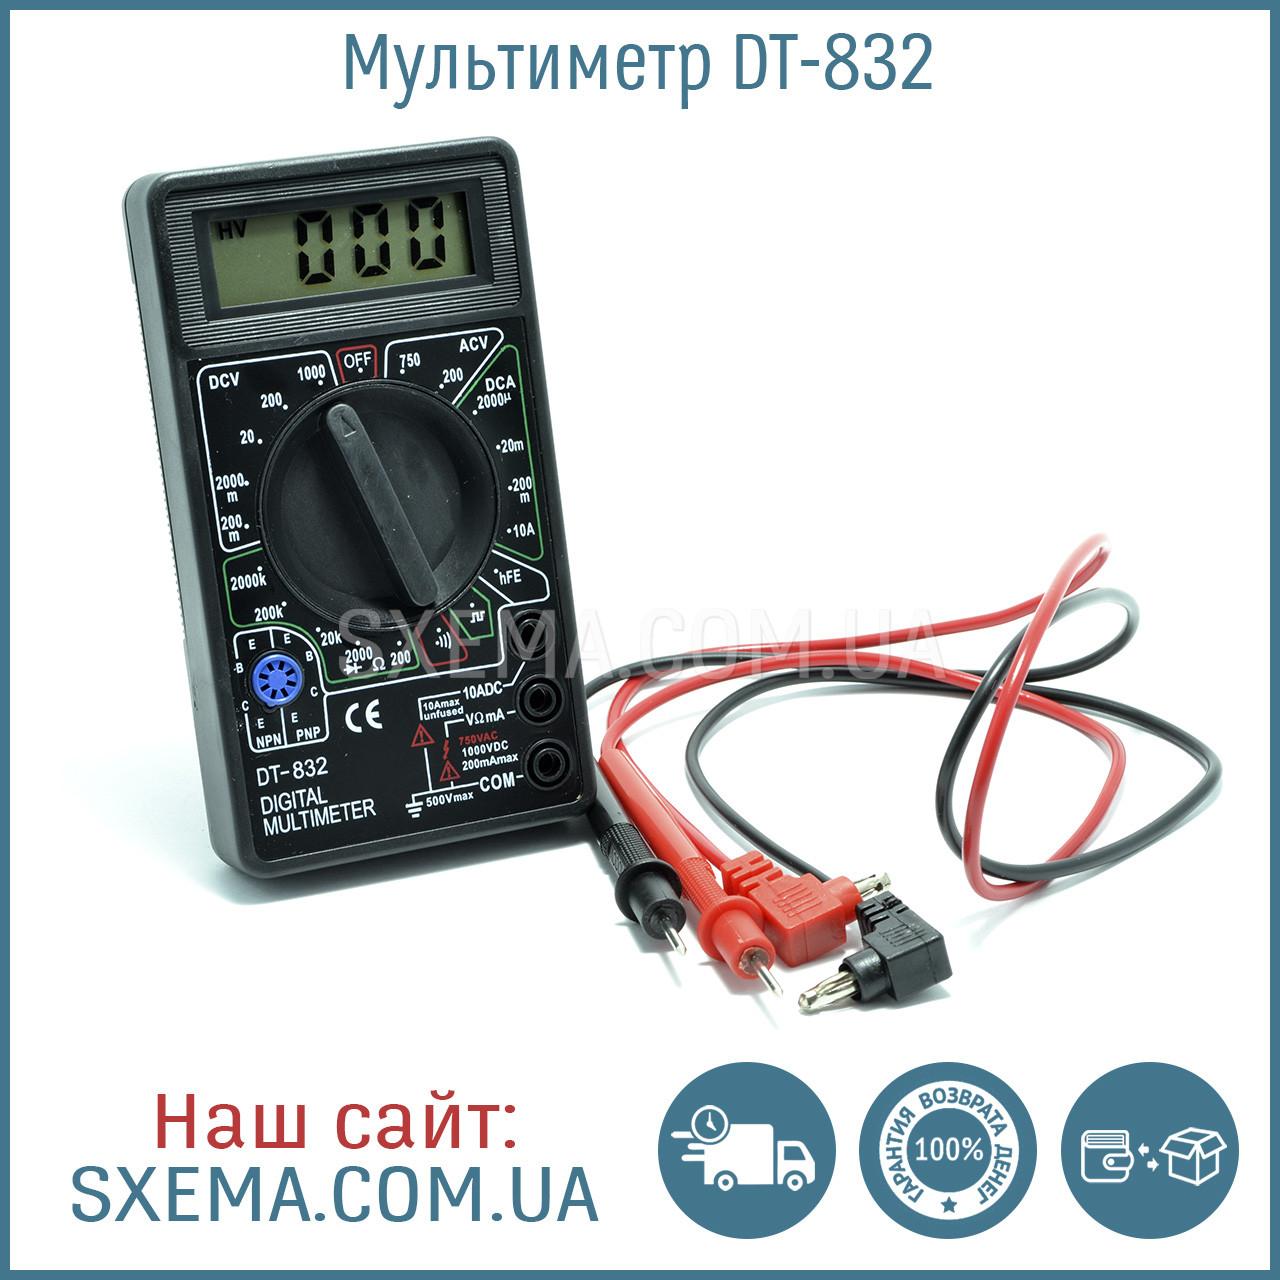 Мультиметр DT-832 с прозвонкой